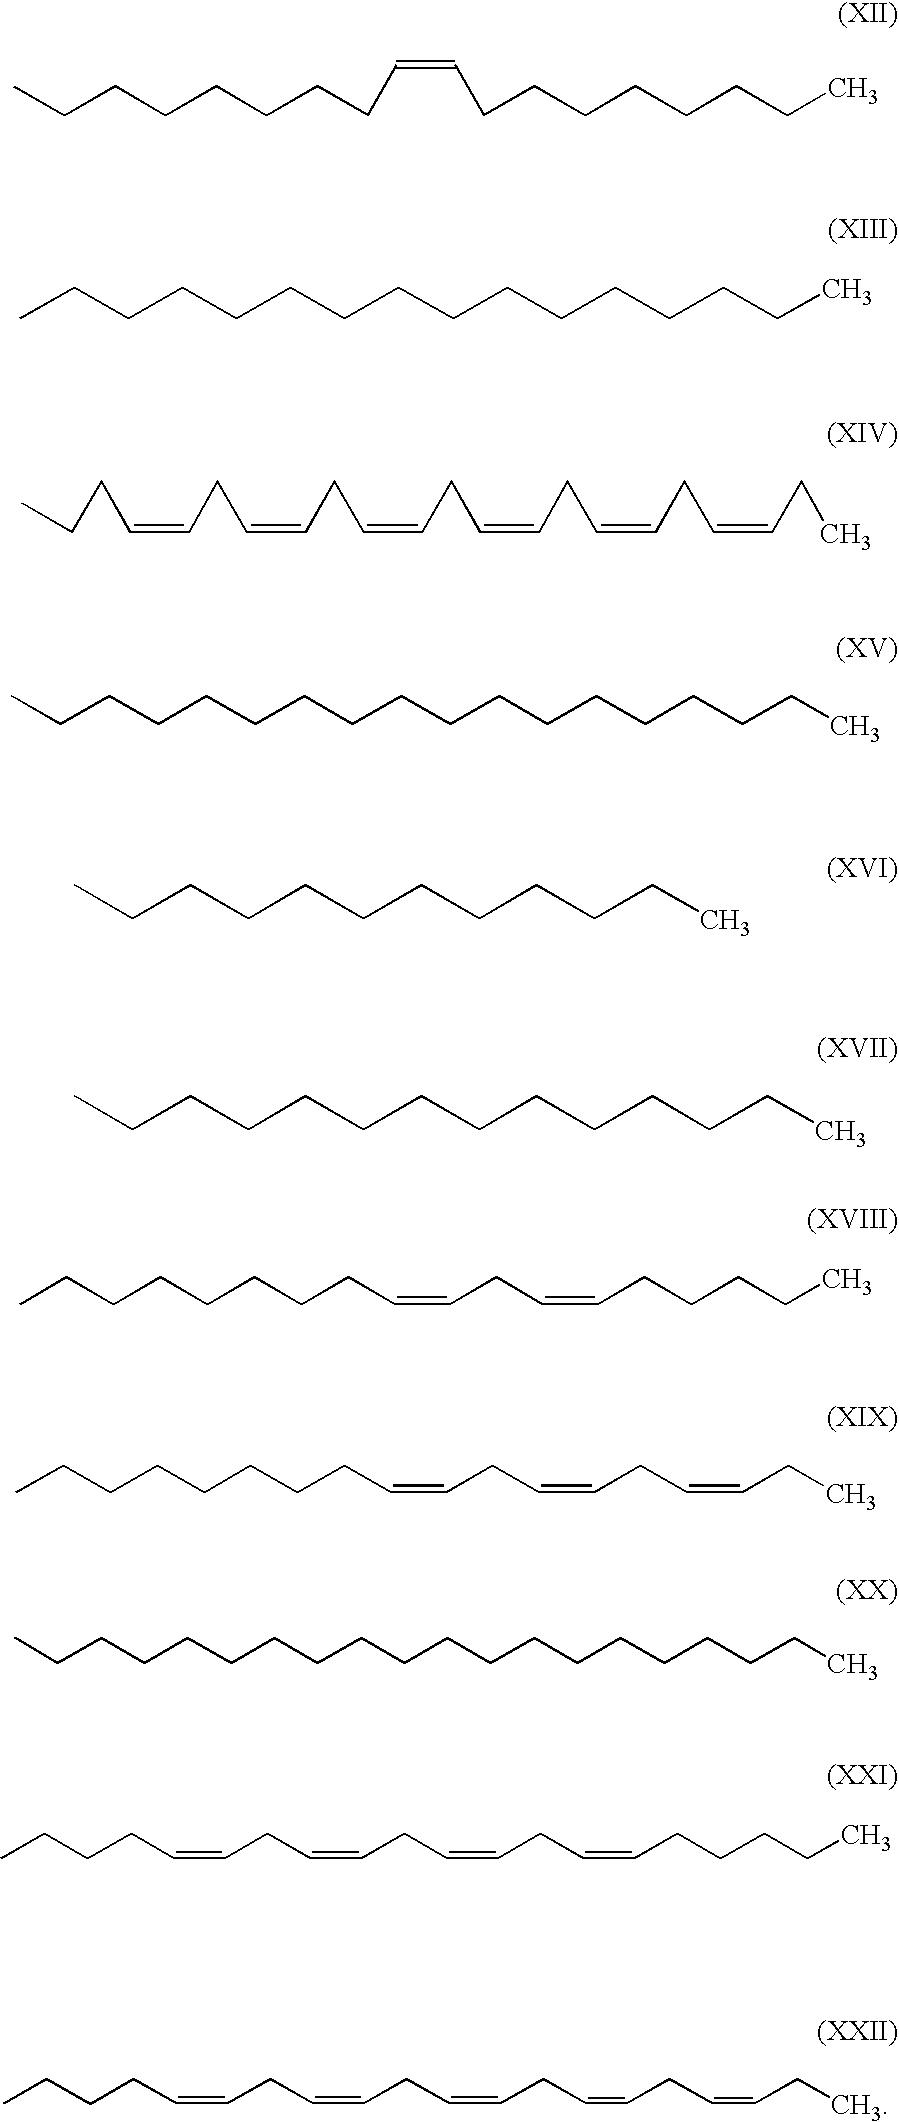 Figure US20060193905A1-20060831-C00015